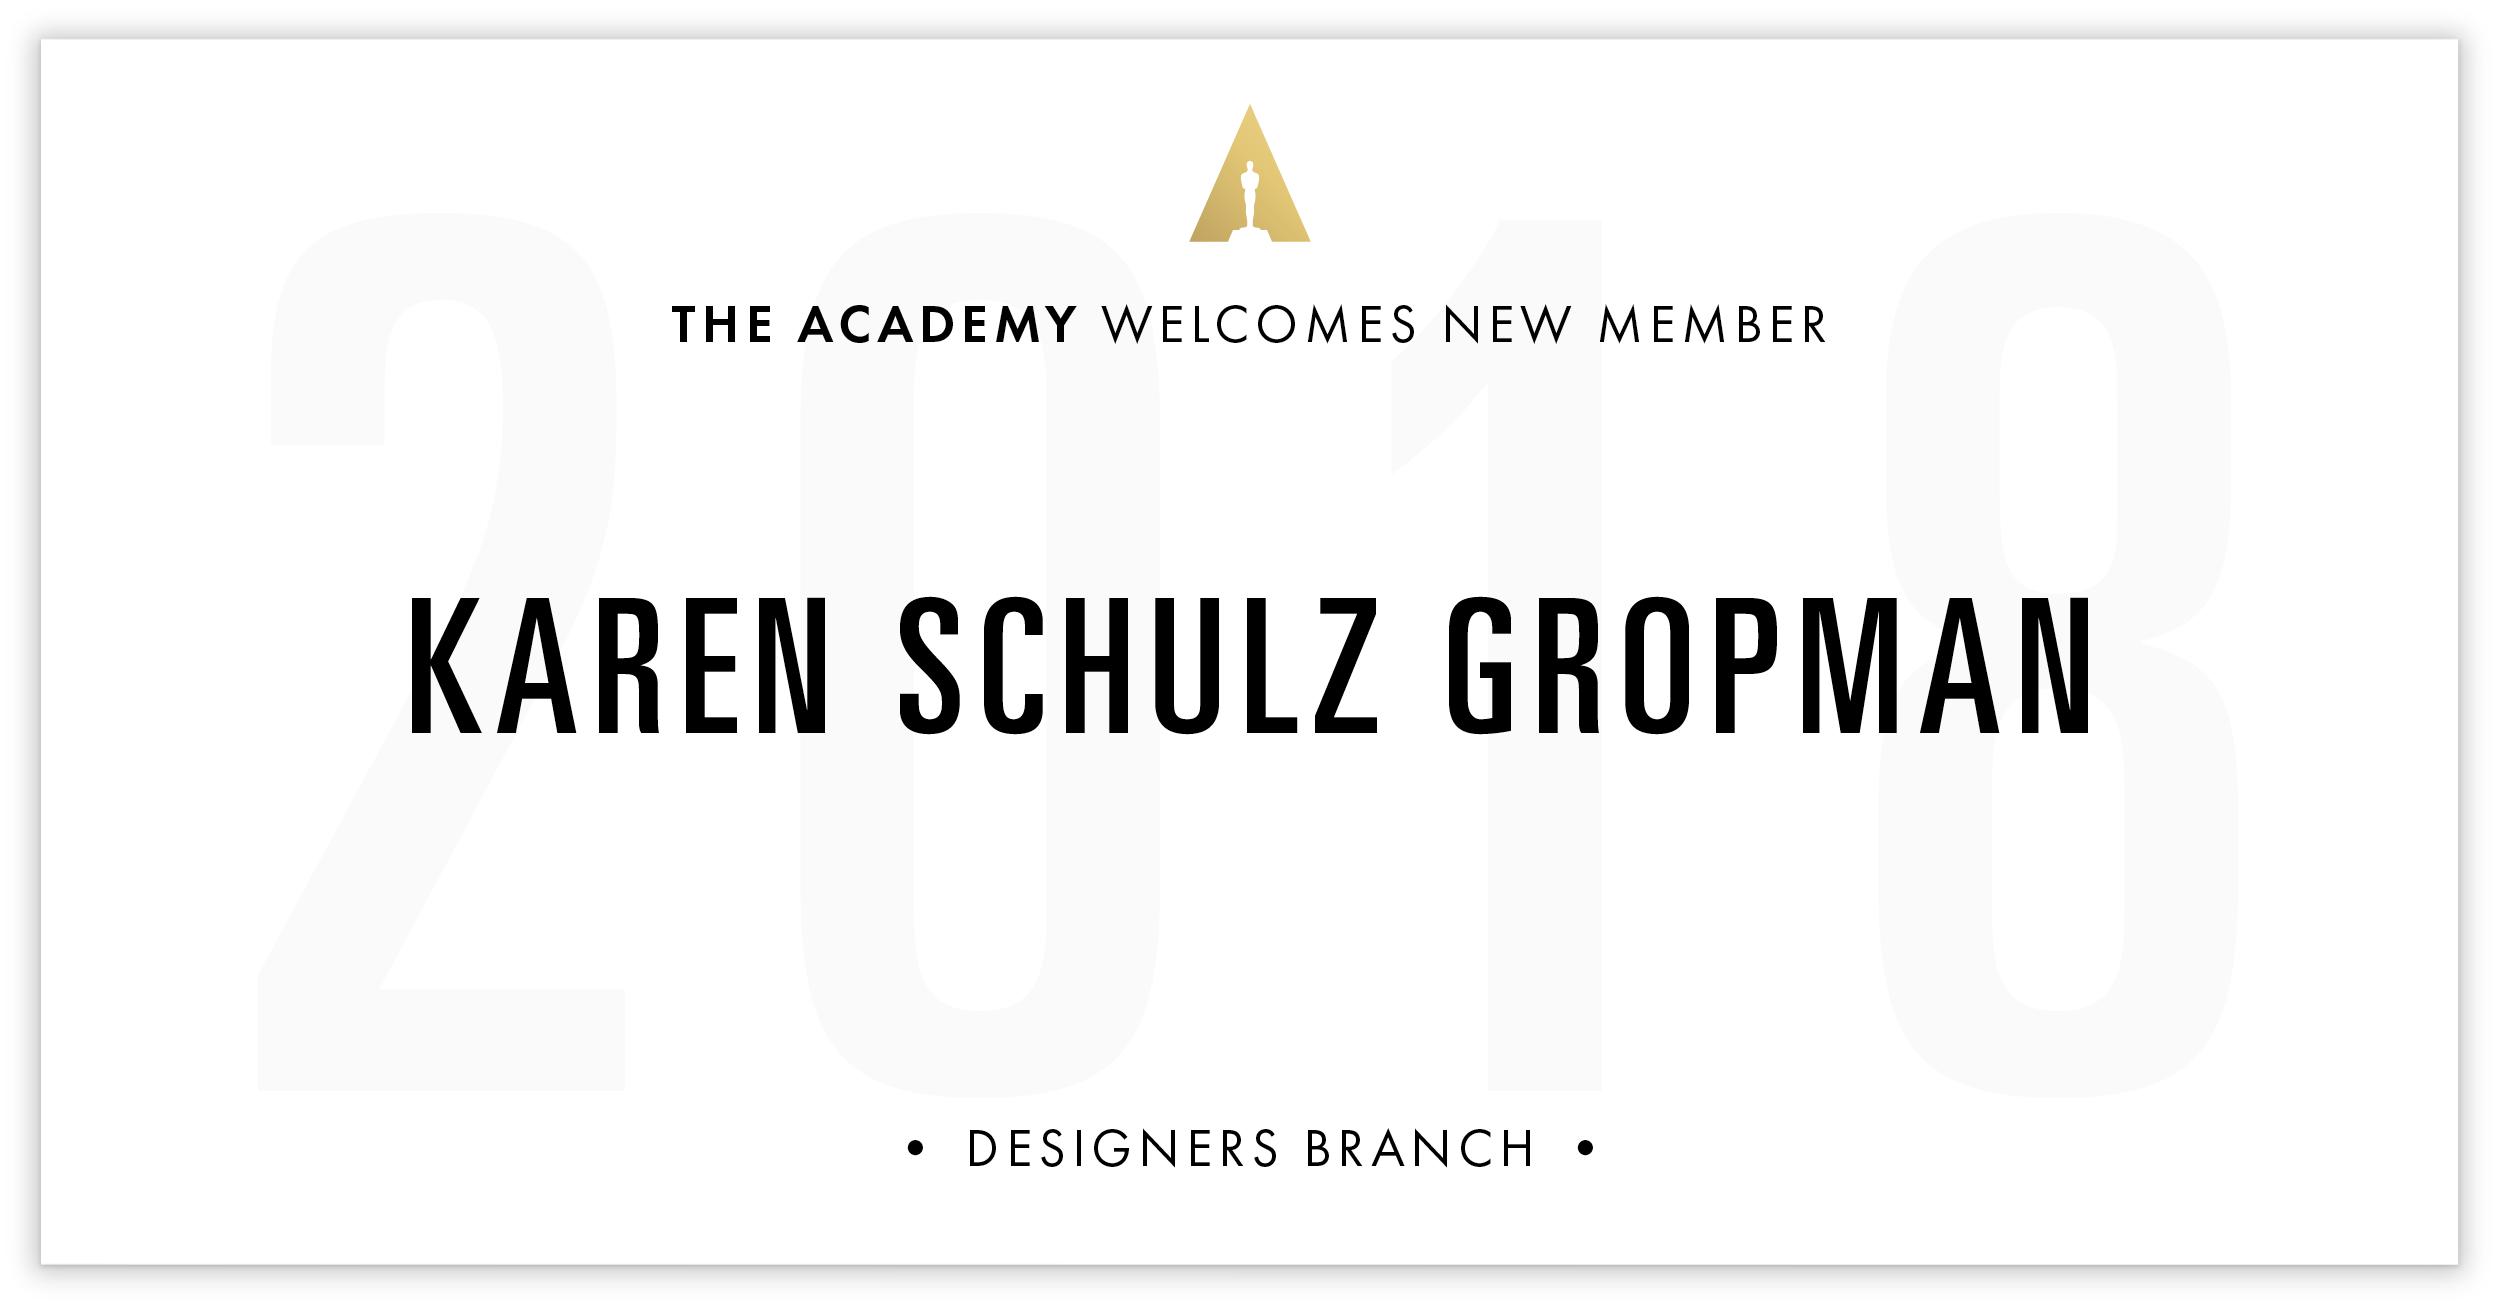 Karen Gropman is invited!